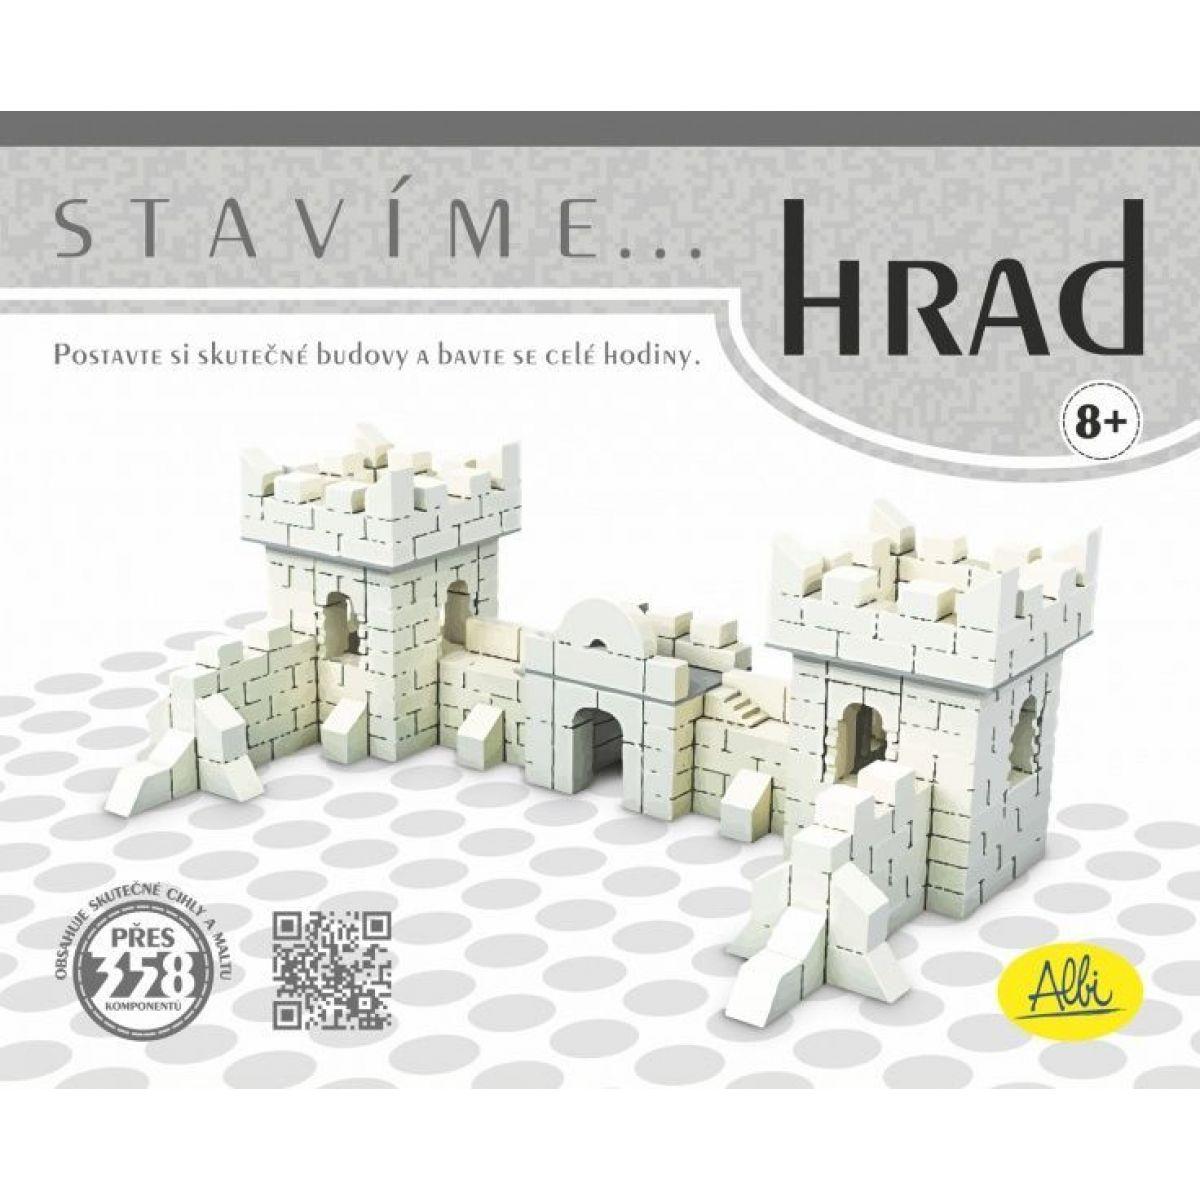 Albi Stavíme - Hrad